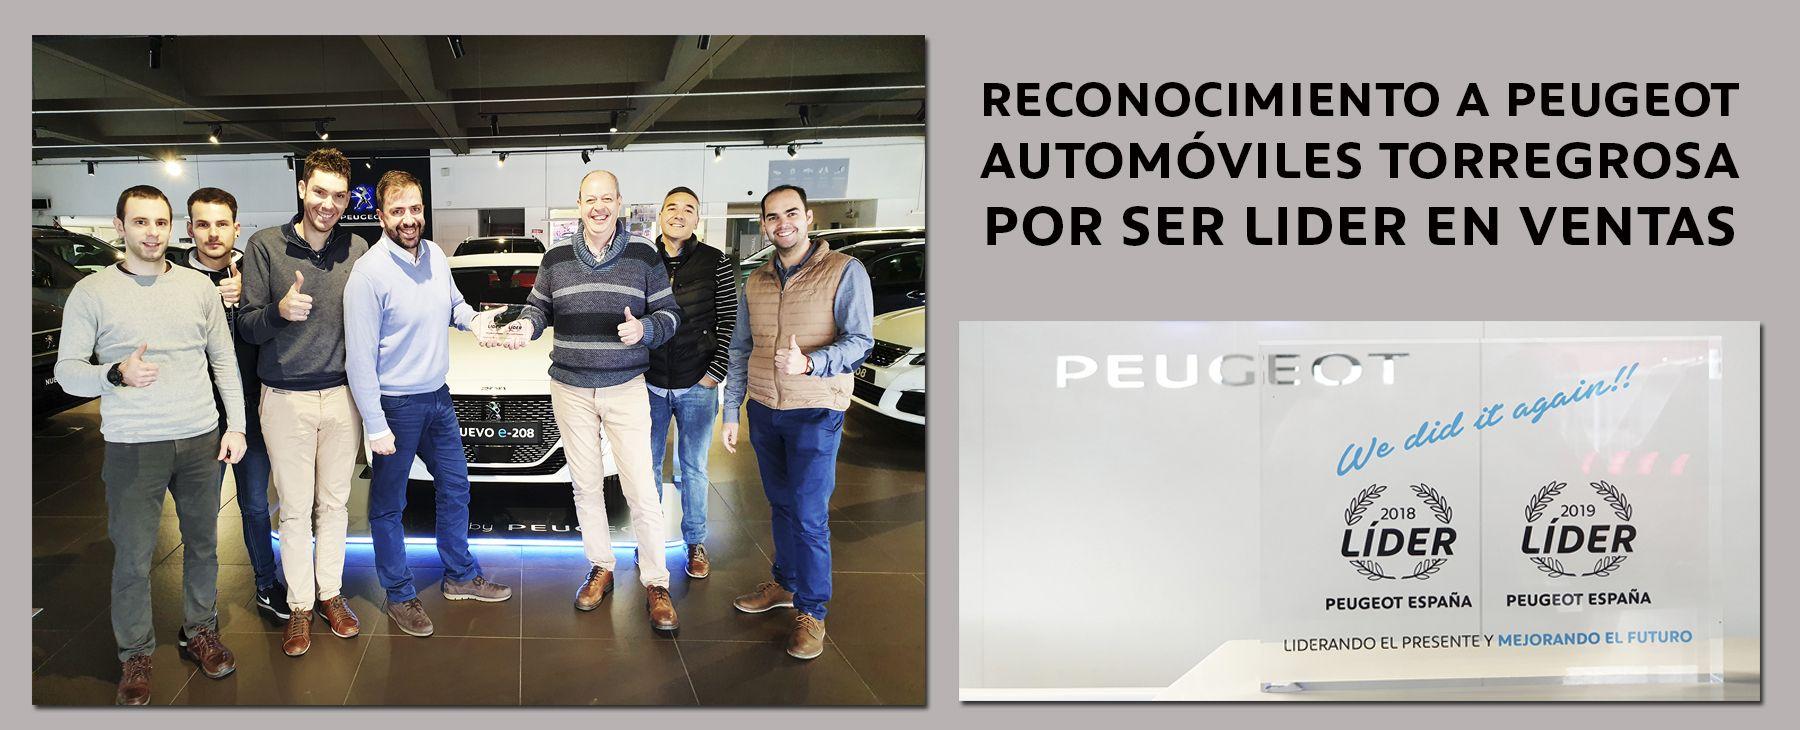 RECONOCIMIENTO A PEUGEOT AUTOMÓVILES TORREGROSA POR SER LIDER EN VENTAS